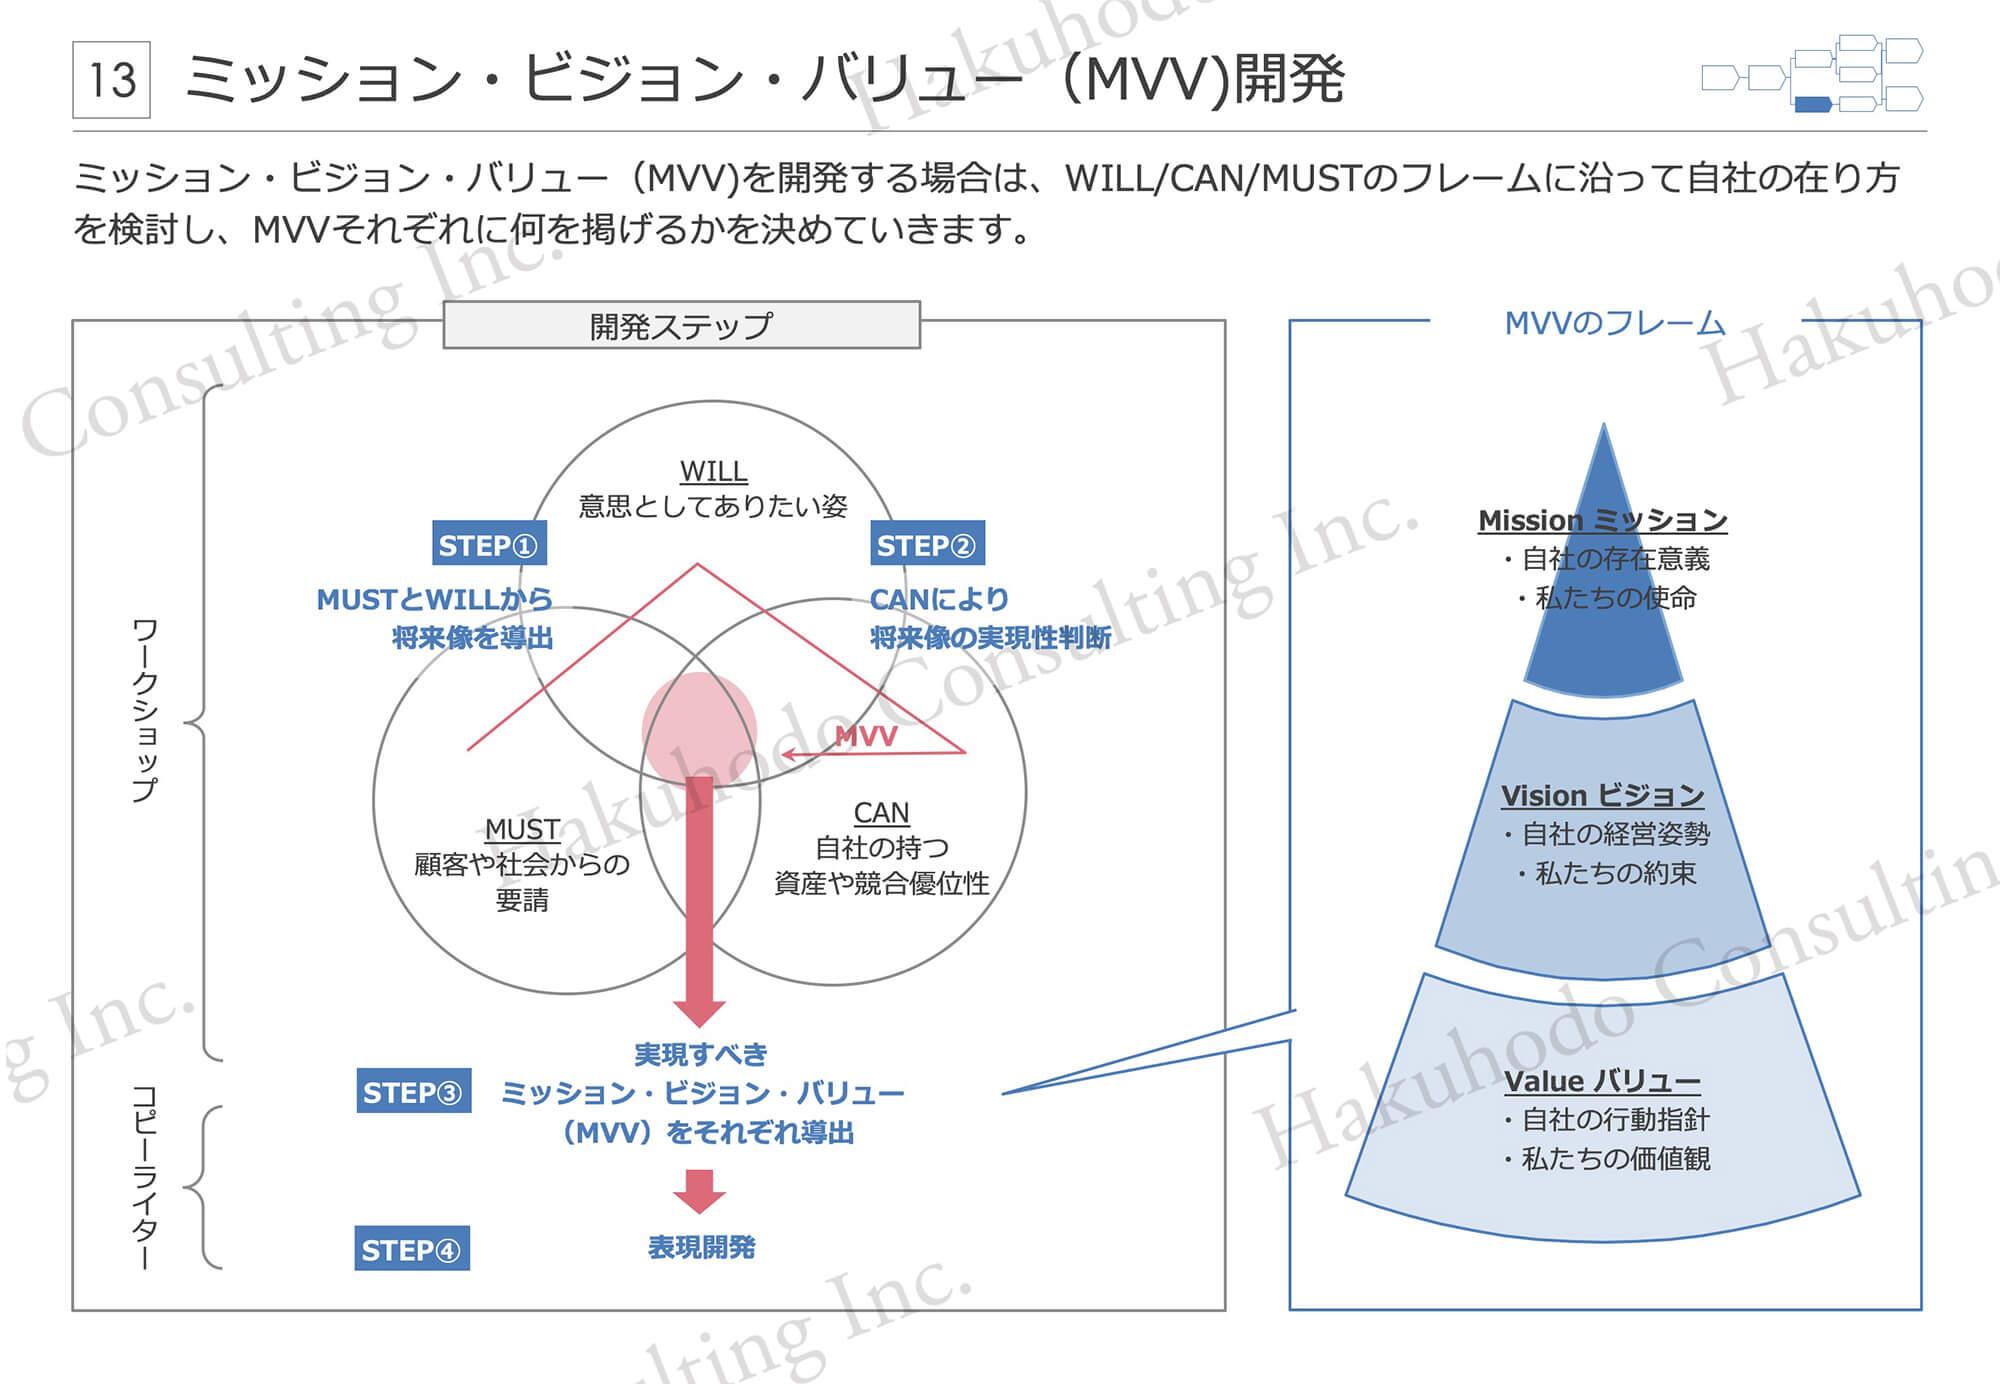 ミッション・ビジョン・バリュー(MVV)開発 ミッション・ビジョン・バリュー(MVV)を開発する場合は、WILL/CAN/MUSTのフレームに沿って自社の在り方を検討し、MVVそれぞれに何を掲げるかを決めていきます。